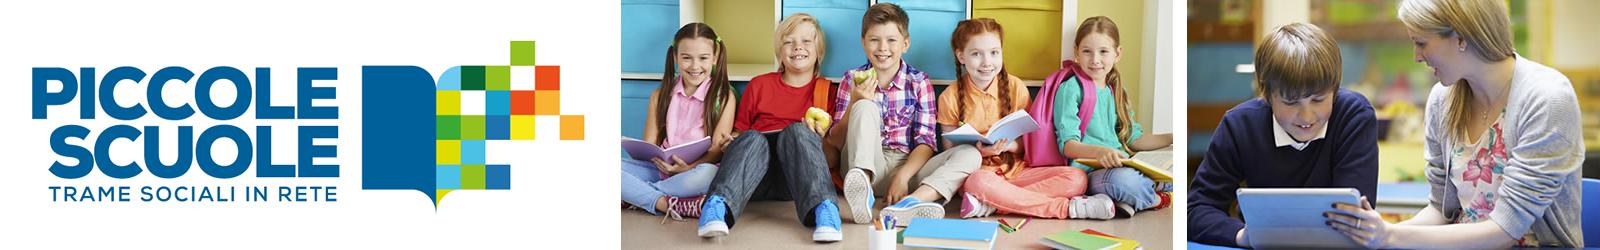 logo piuccole scuole e foto di ragazzi a scuola